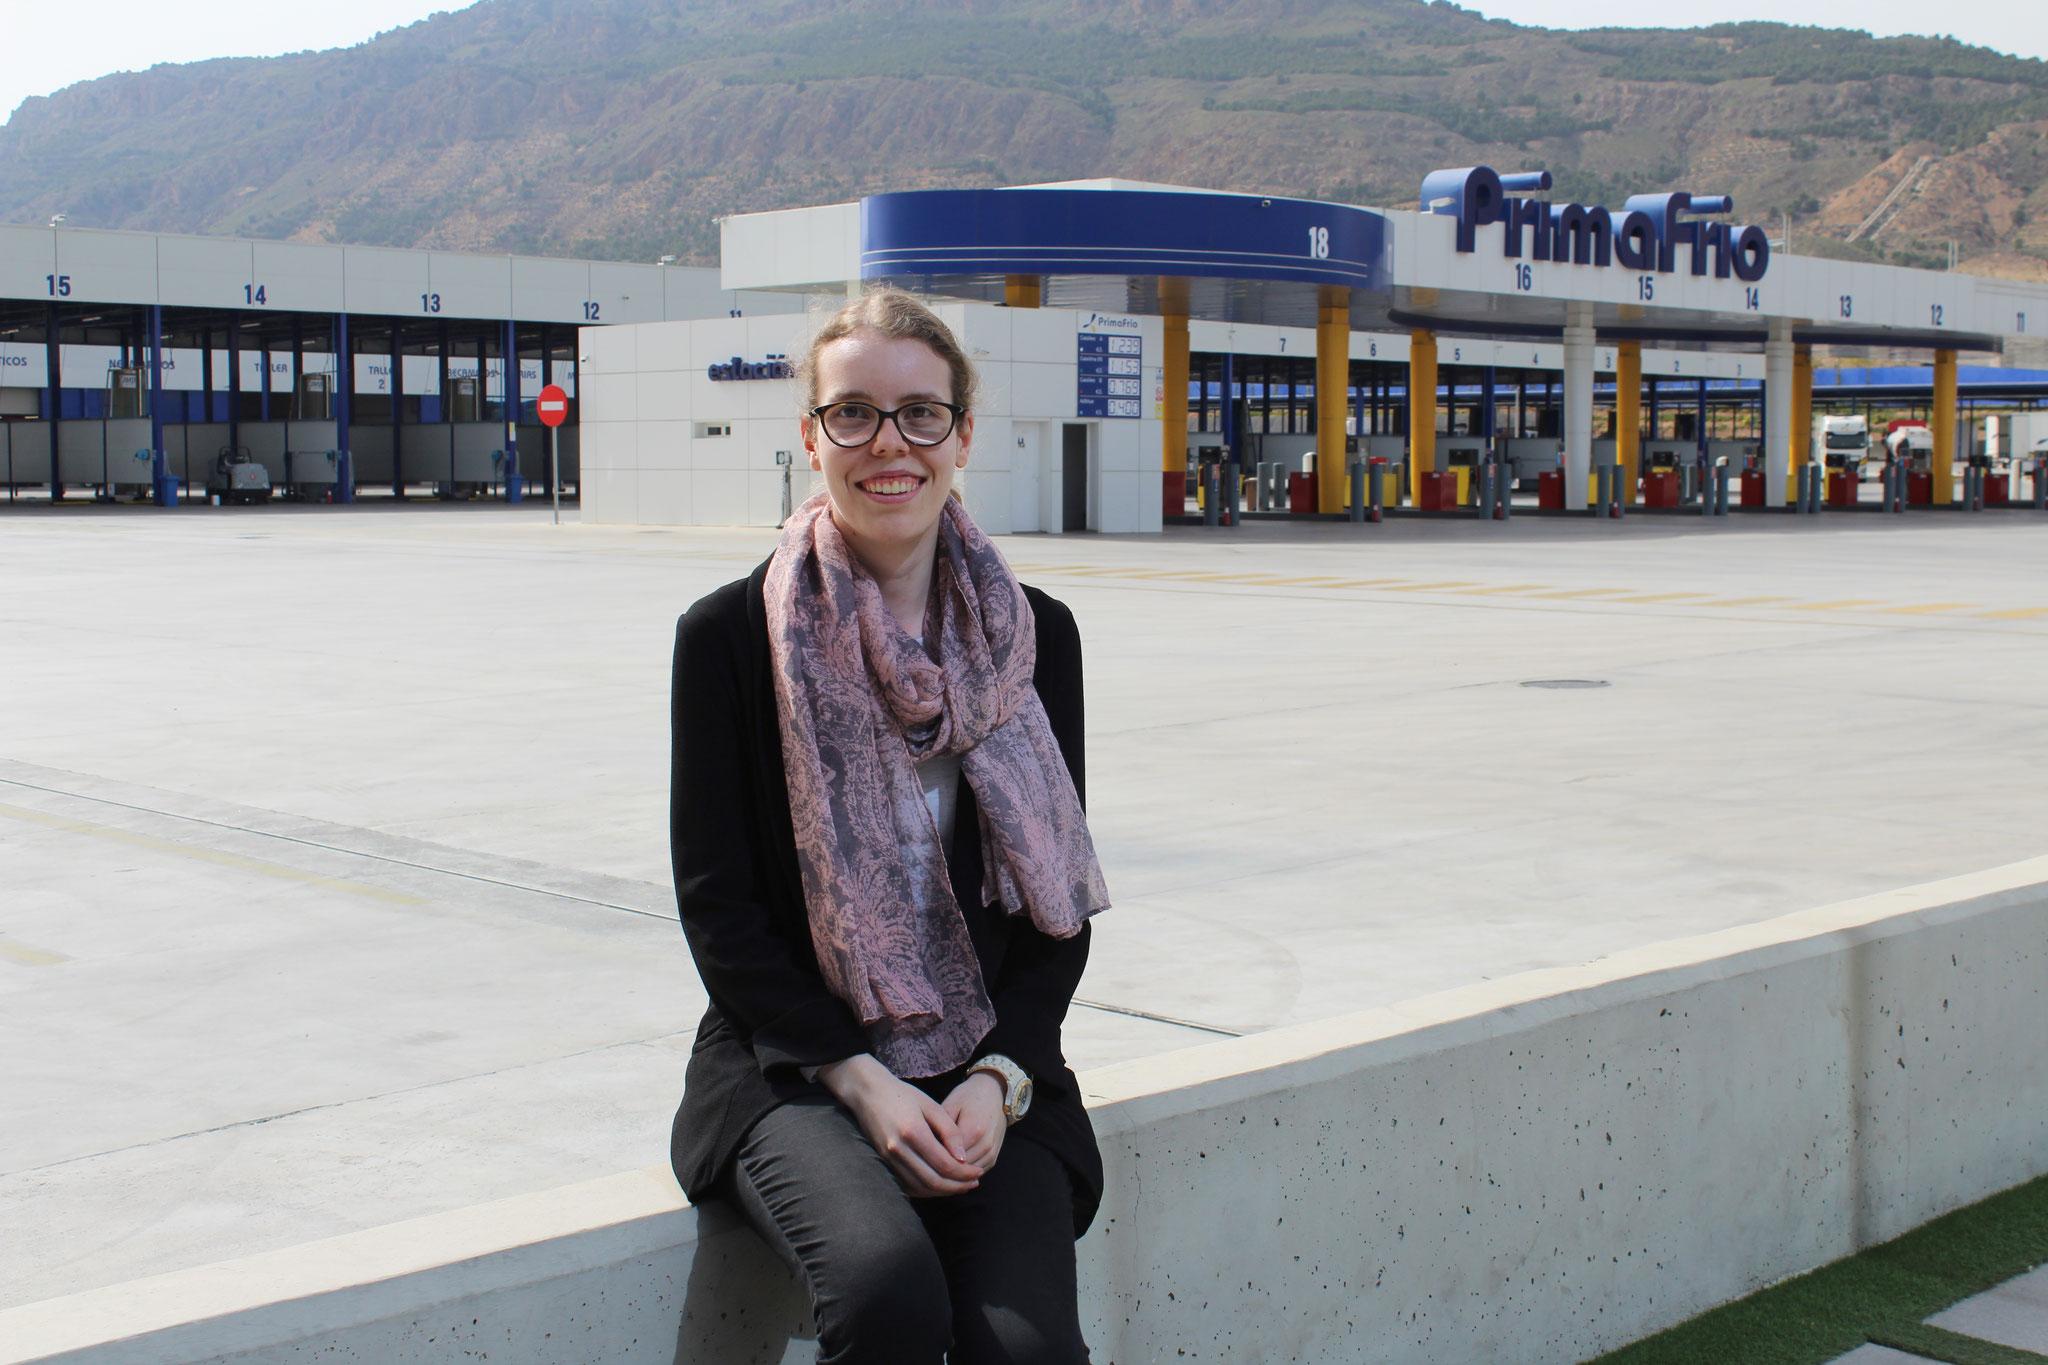 Natascha Lenk en Primafrío en Murcia